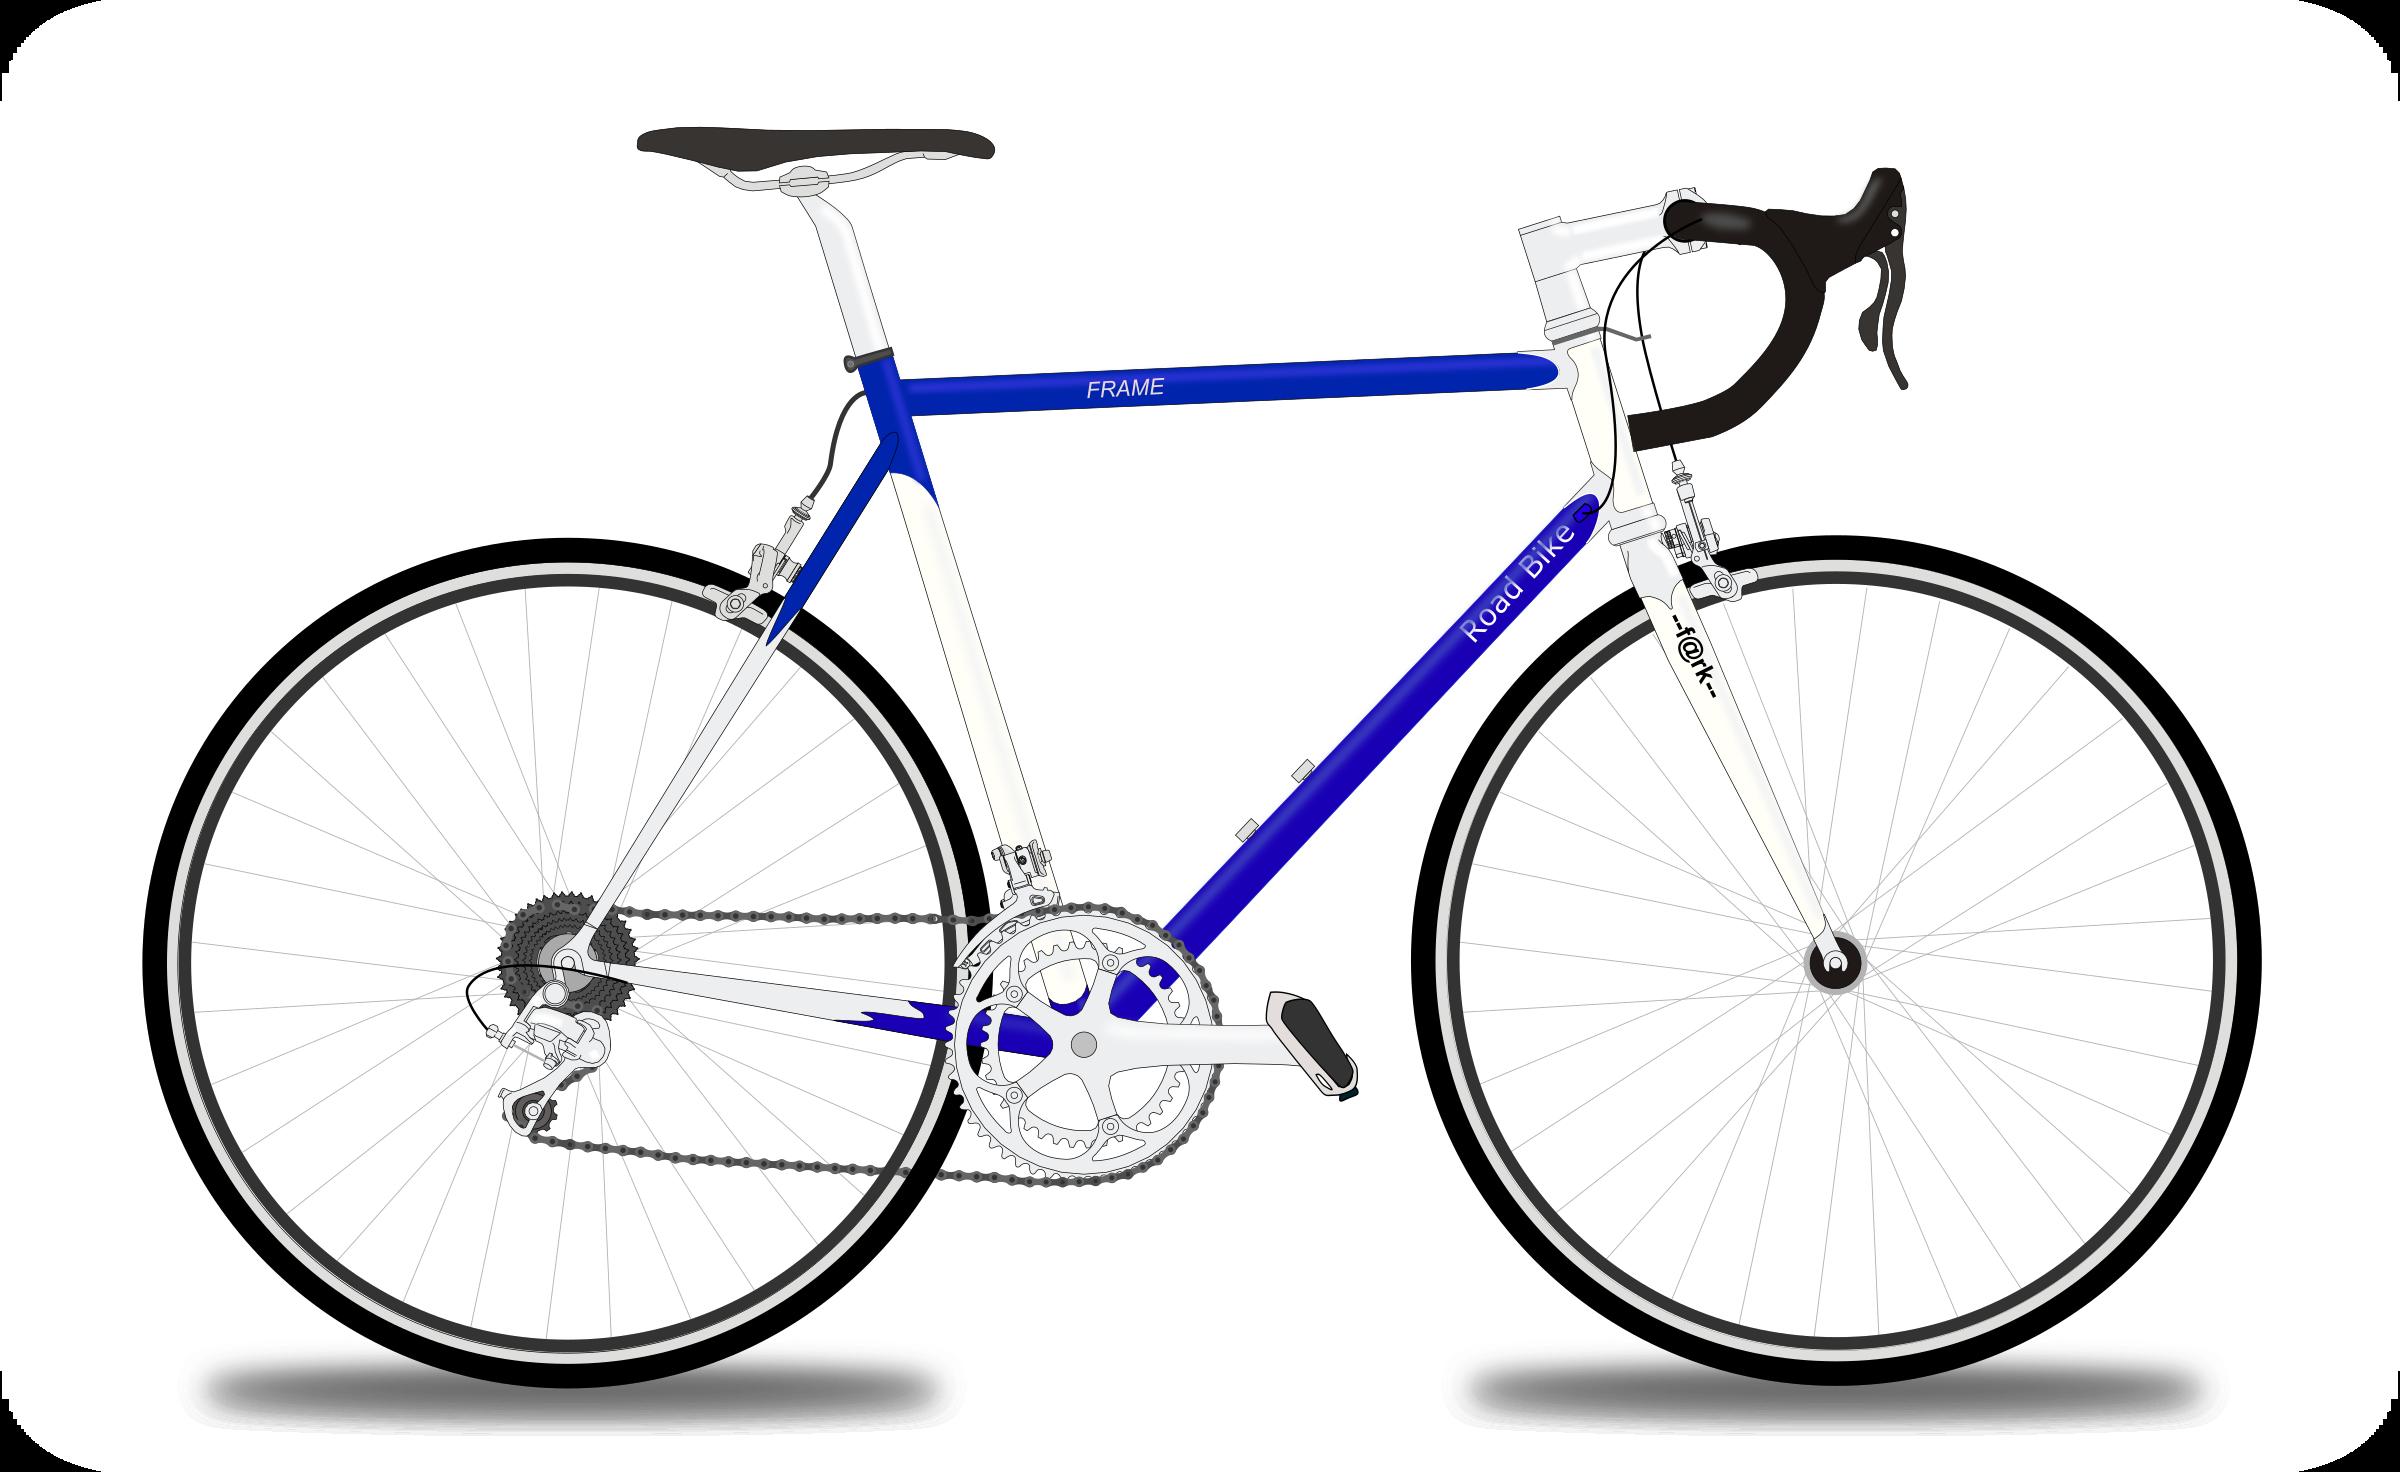 Bike big image png. Clipart road frame